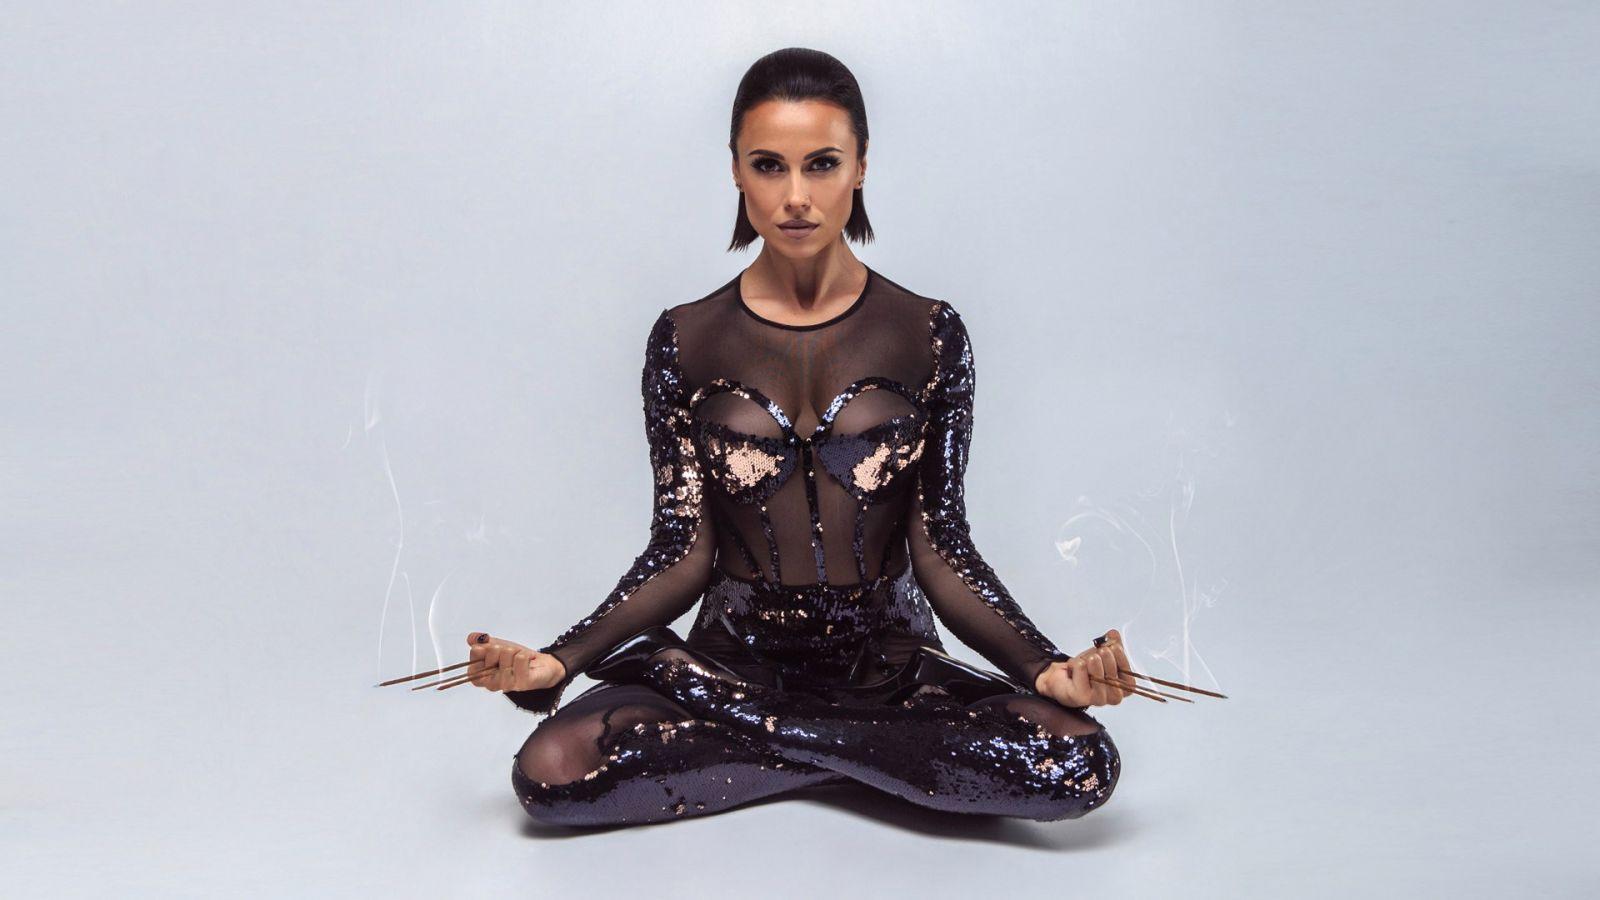 Экс-солистка группы Nikita Анастасия Кумейко снялась в горячей фотосесии